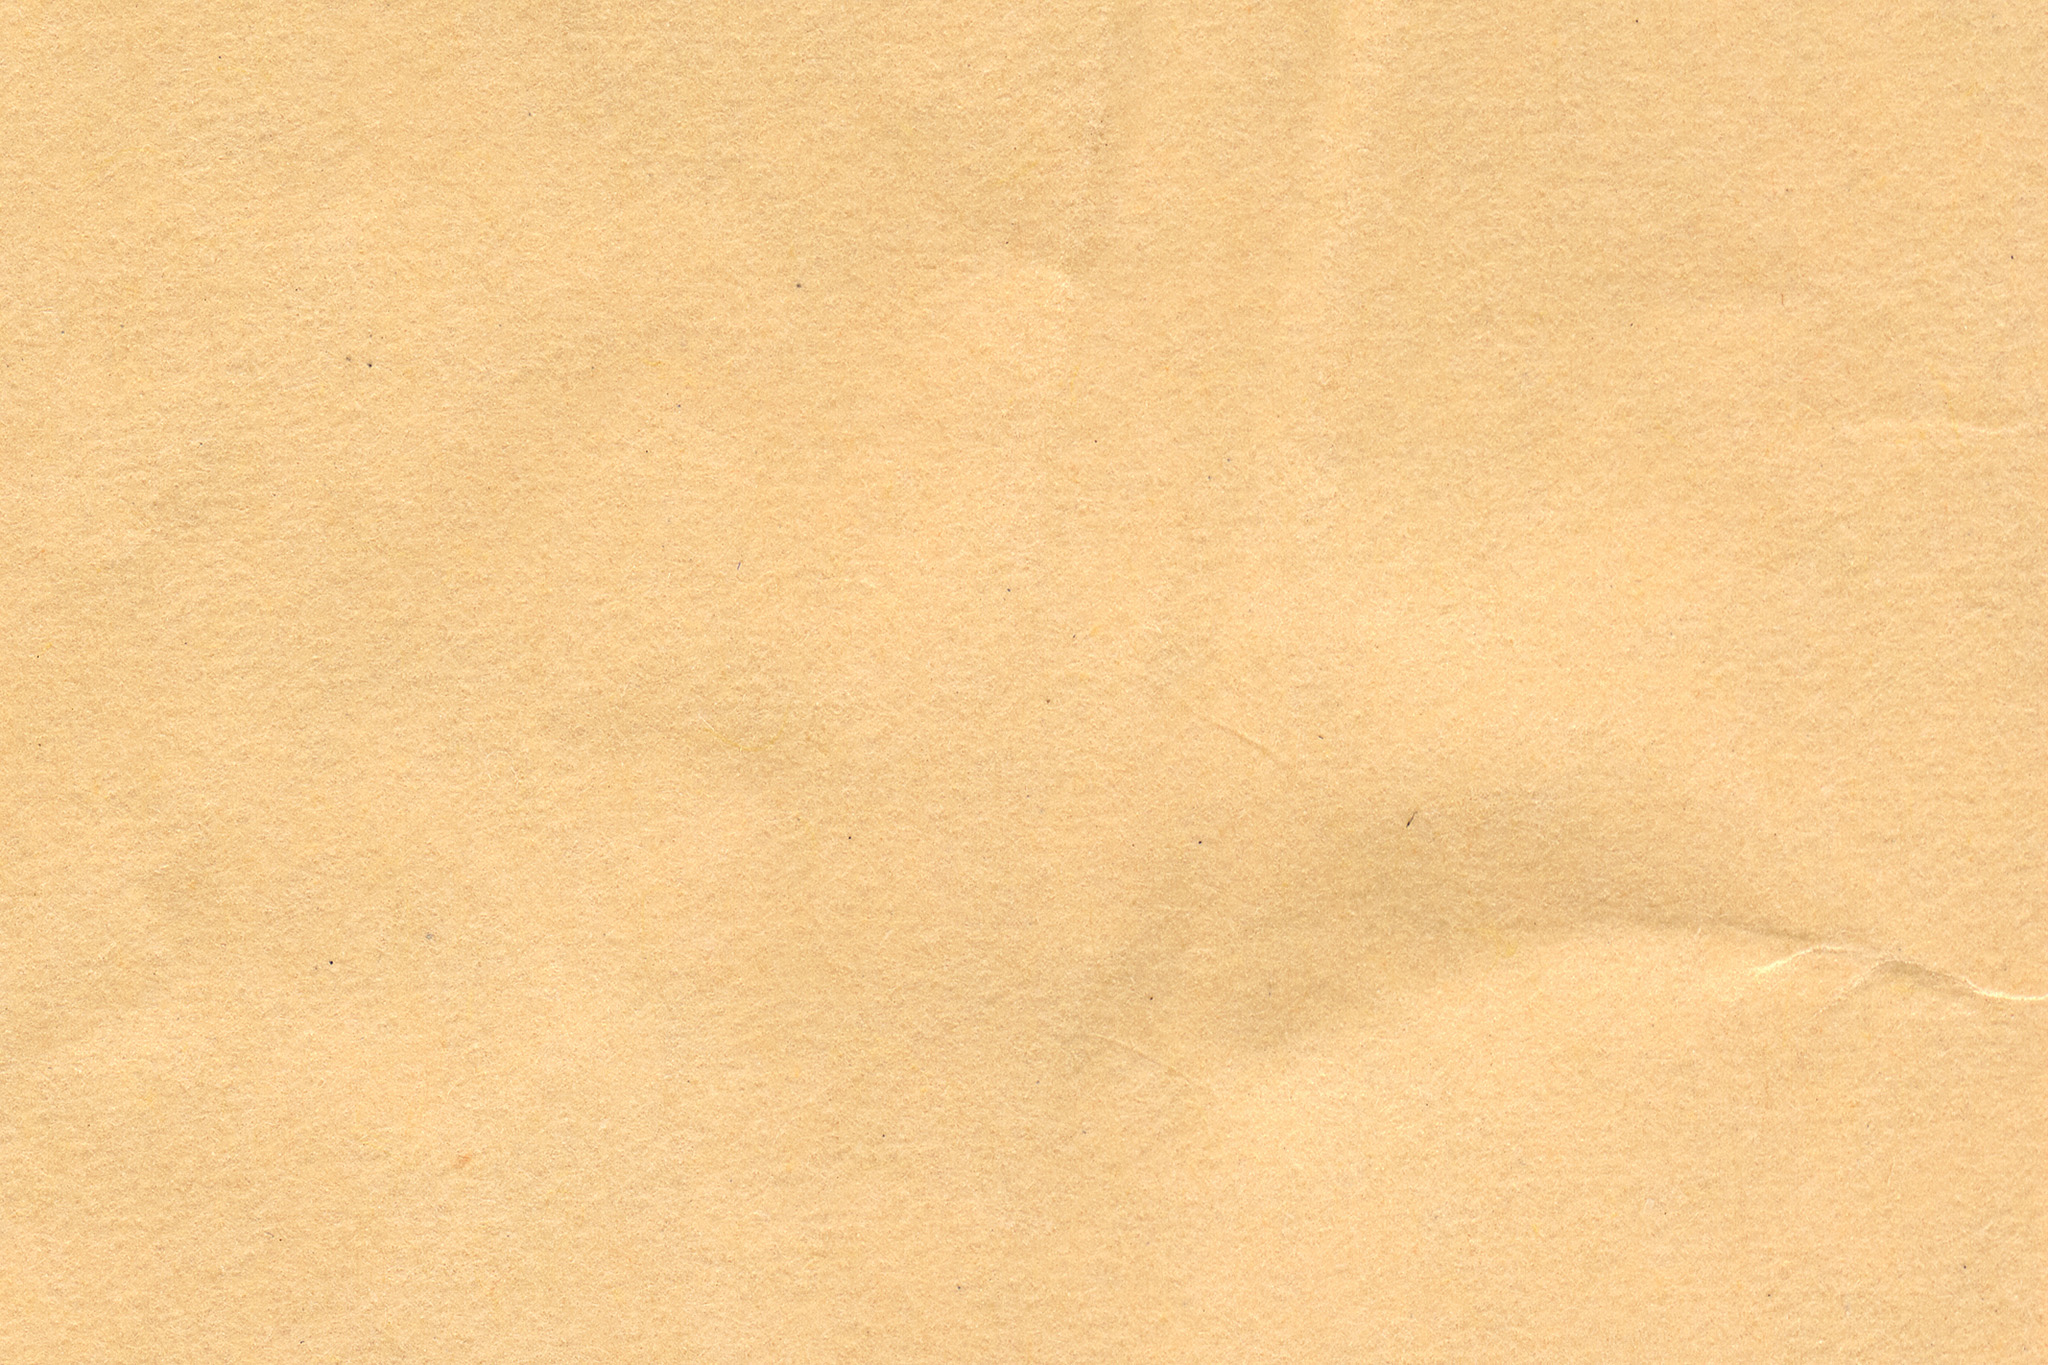 「茶色系の紙」